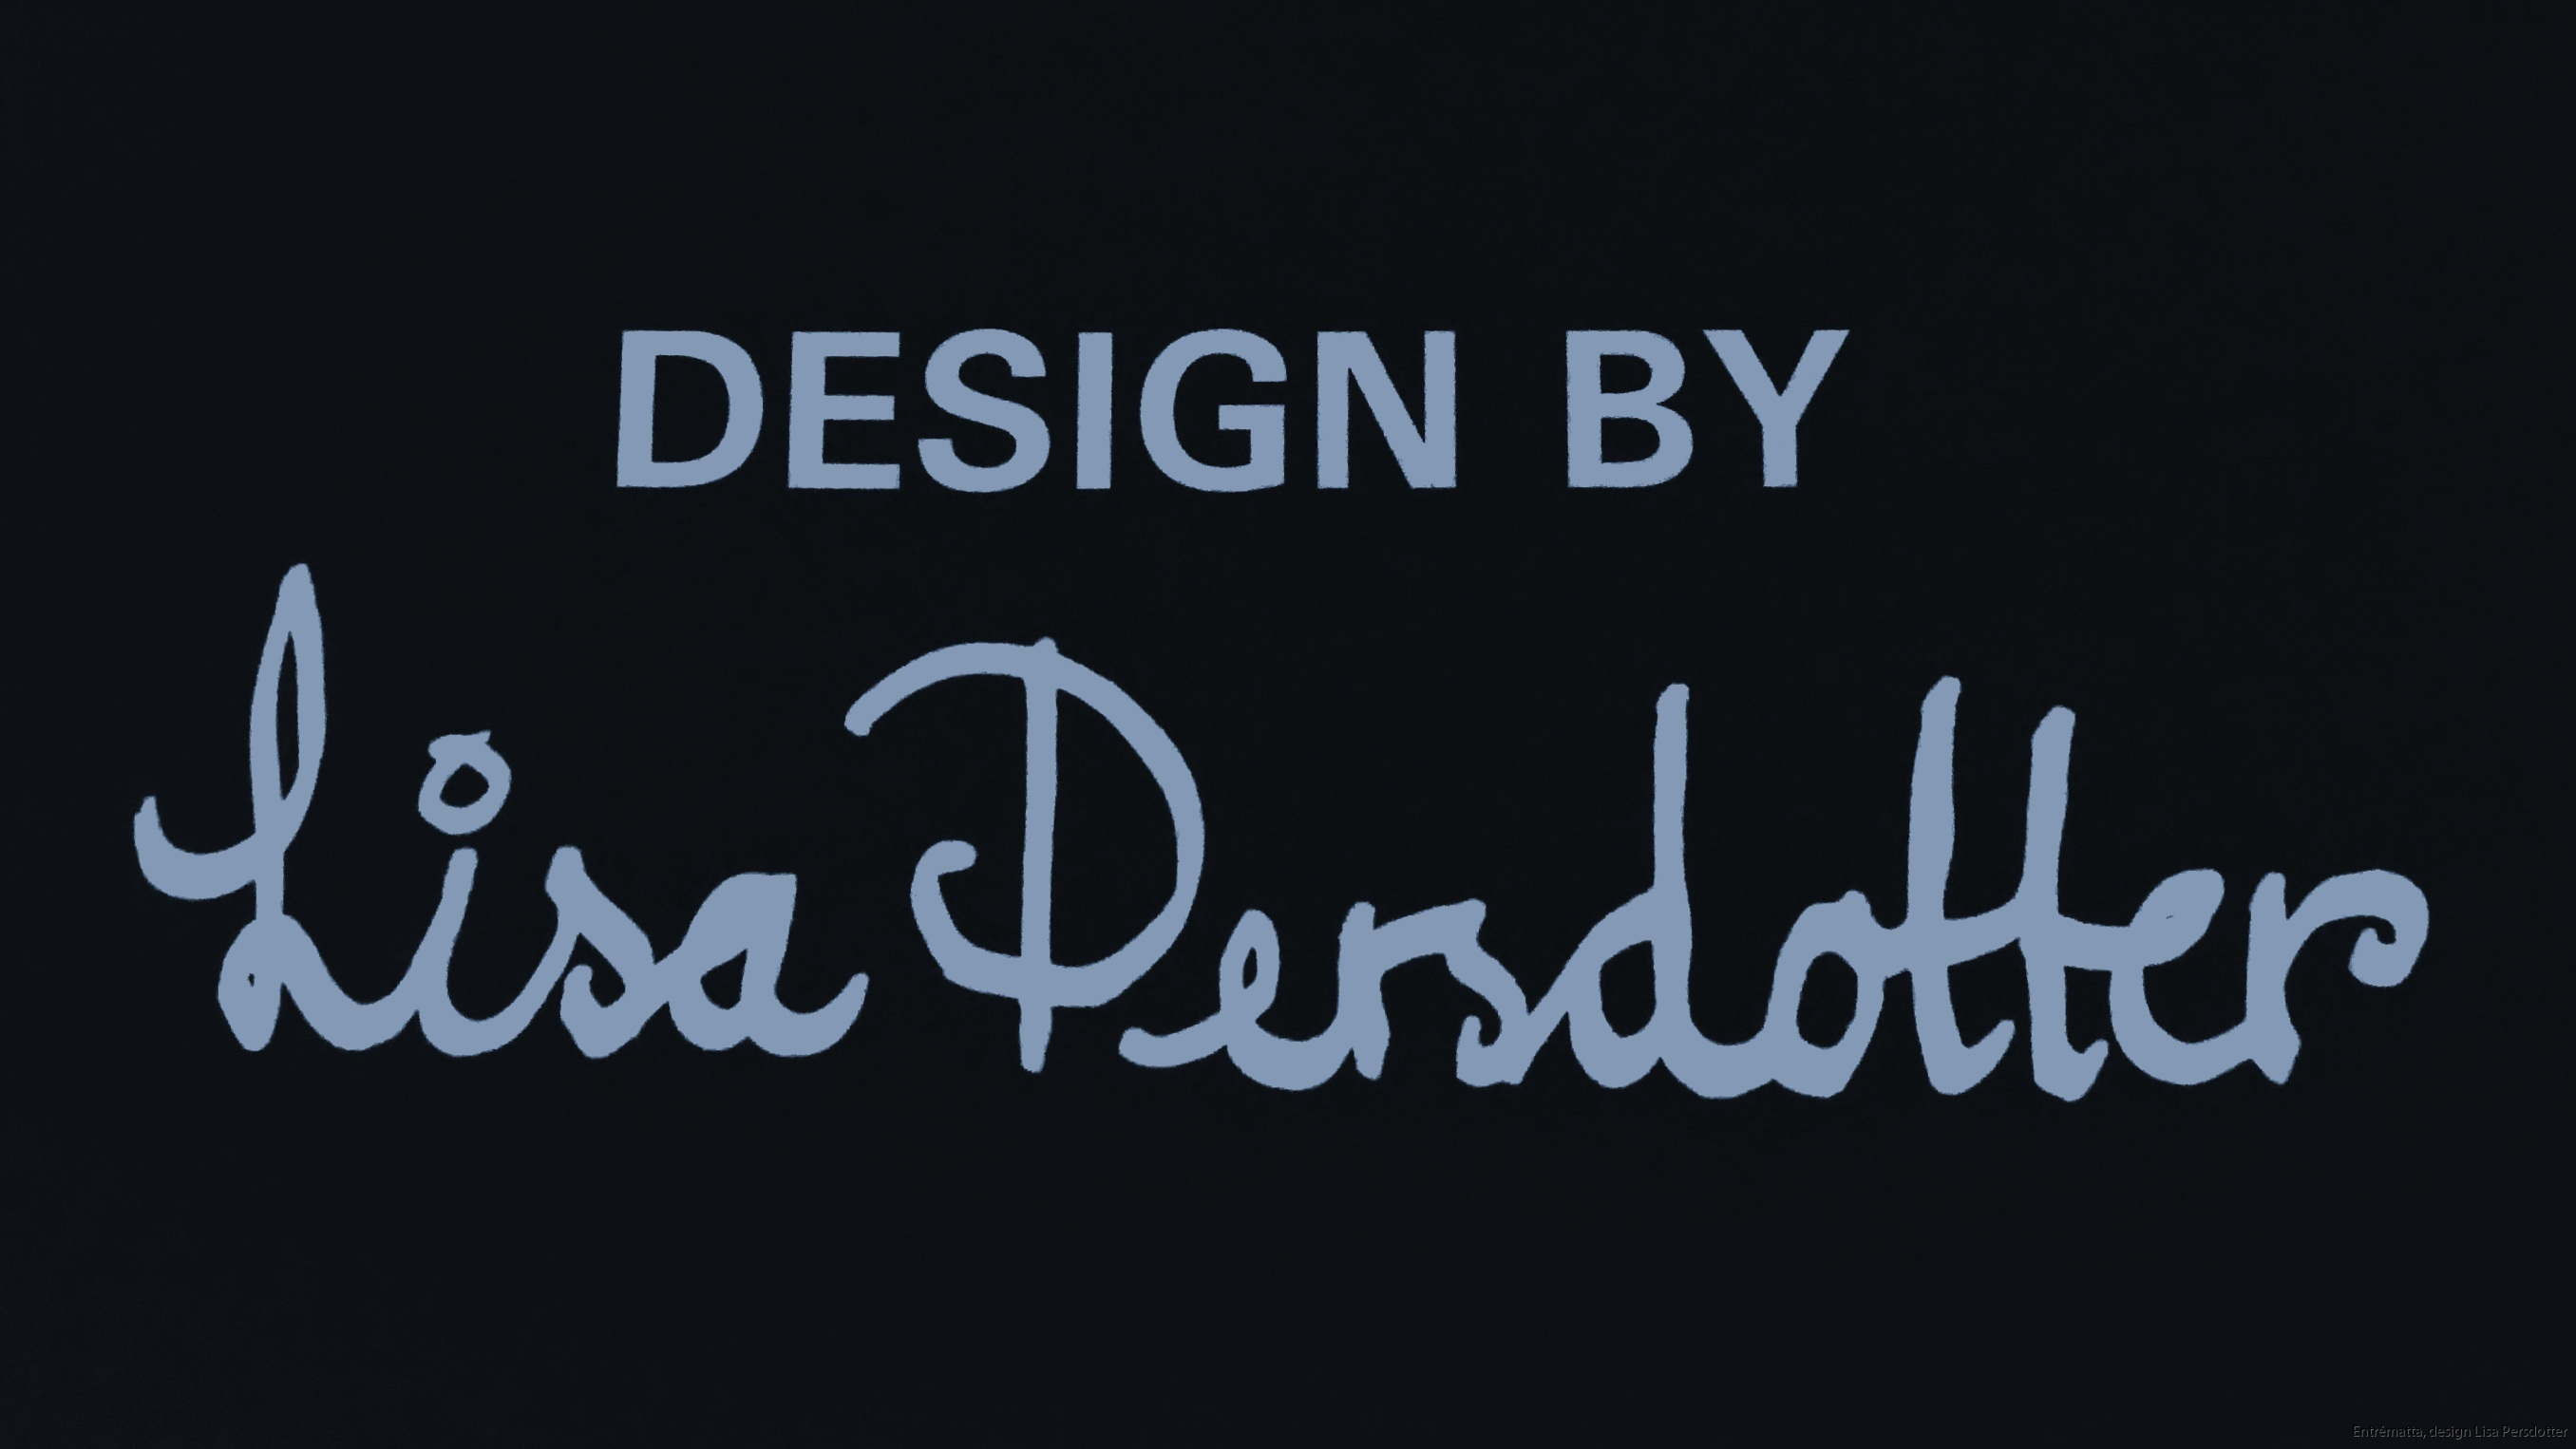 Design Lisa Persdotter